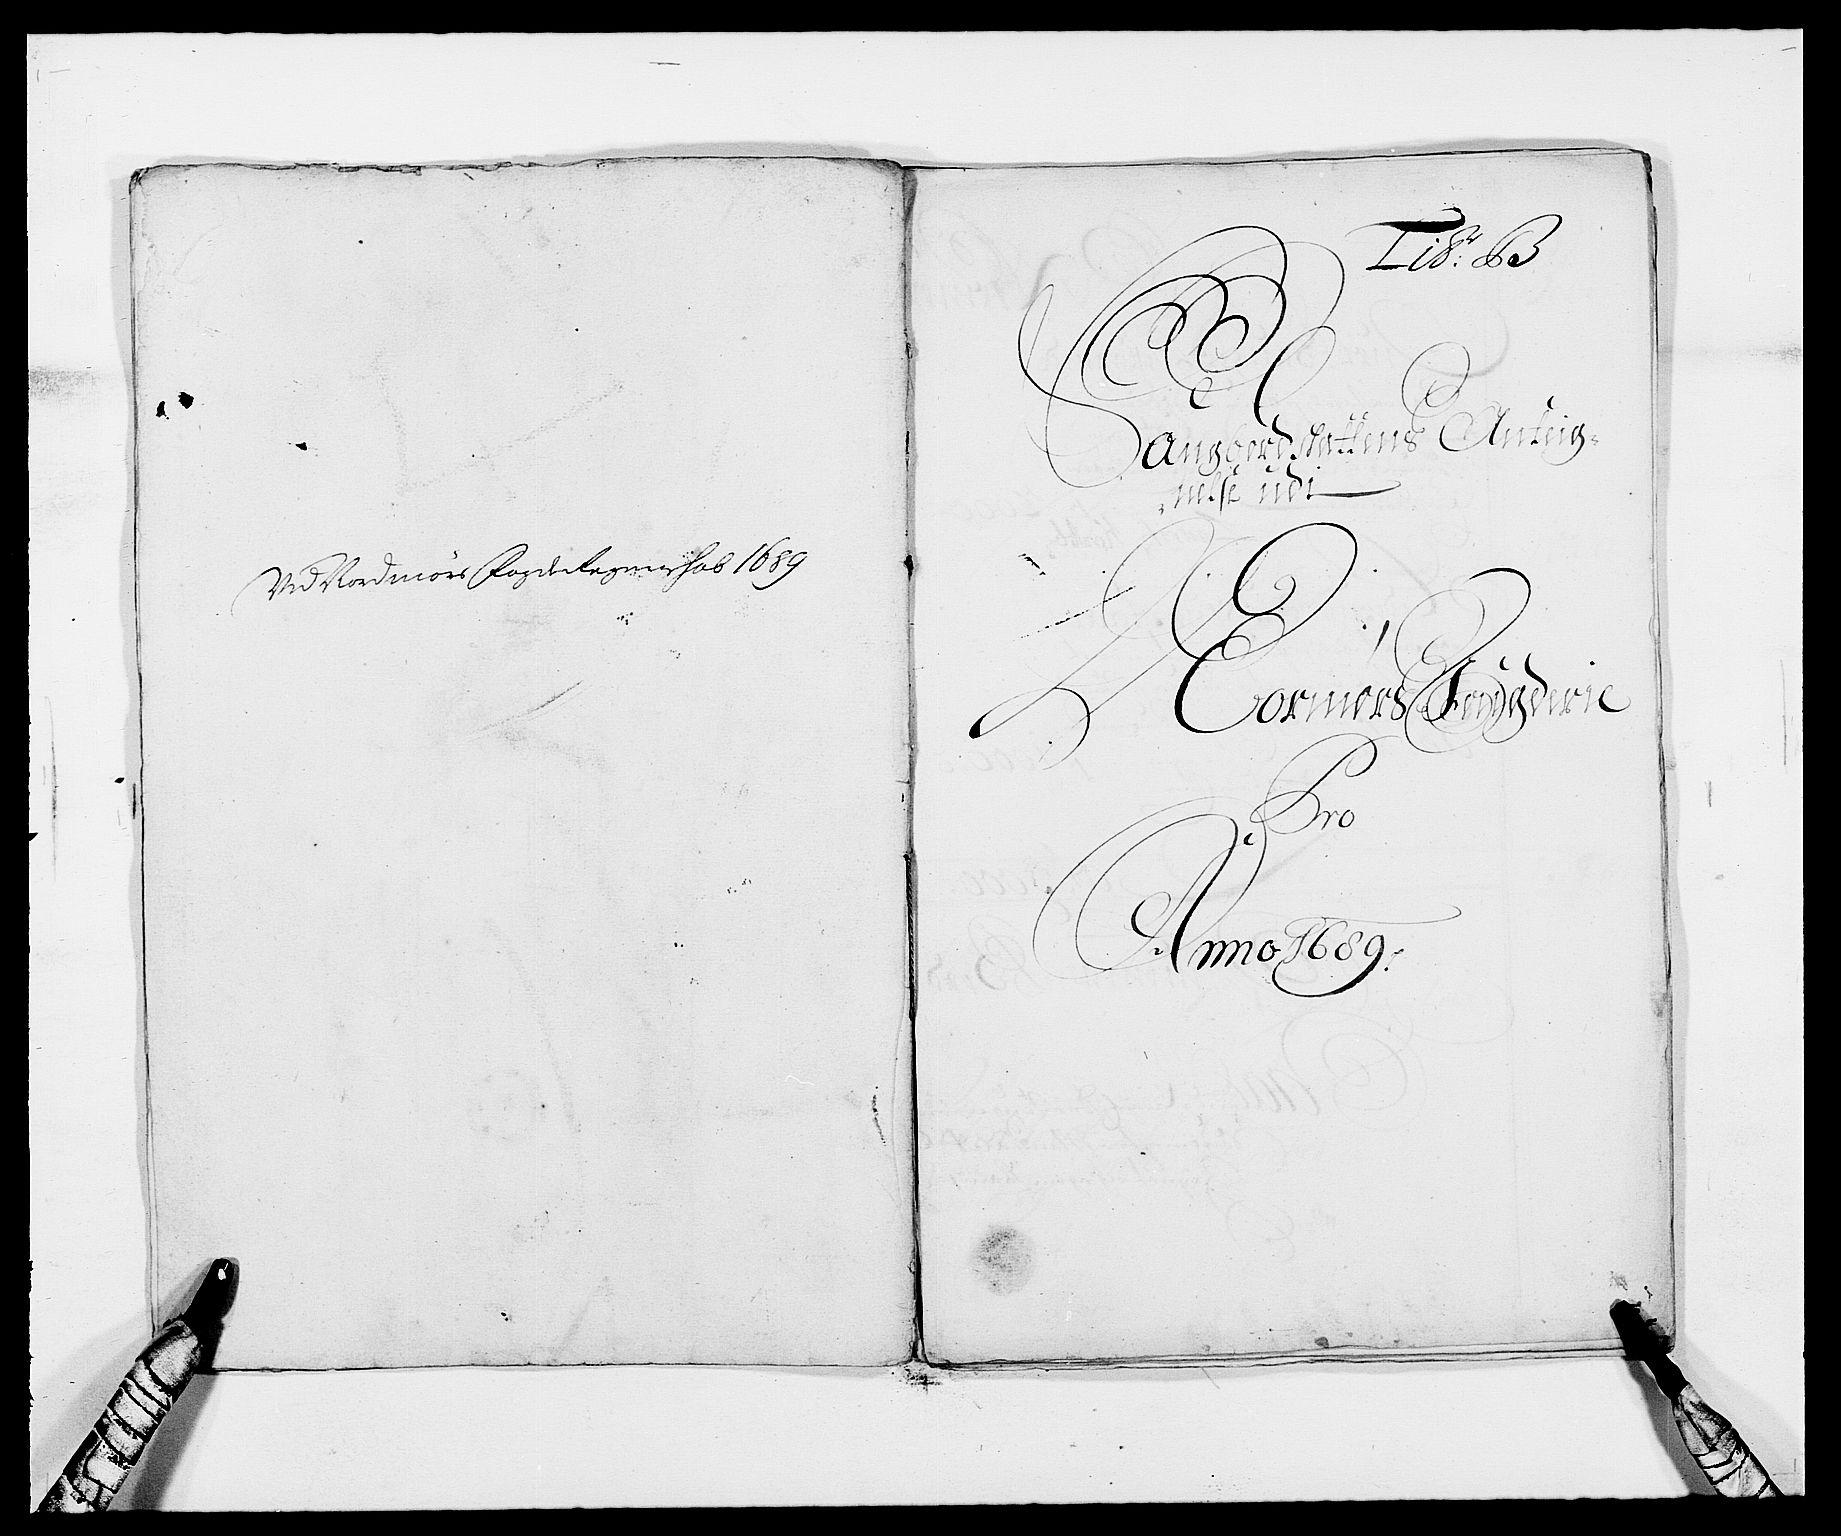 RA, Rentekammeret inntil 1814, Reviderte regnskaper, Fogderegnskap, R56/L3733: Fogderegnskap Nordmøre, 1687-1689, s. 356